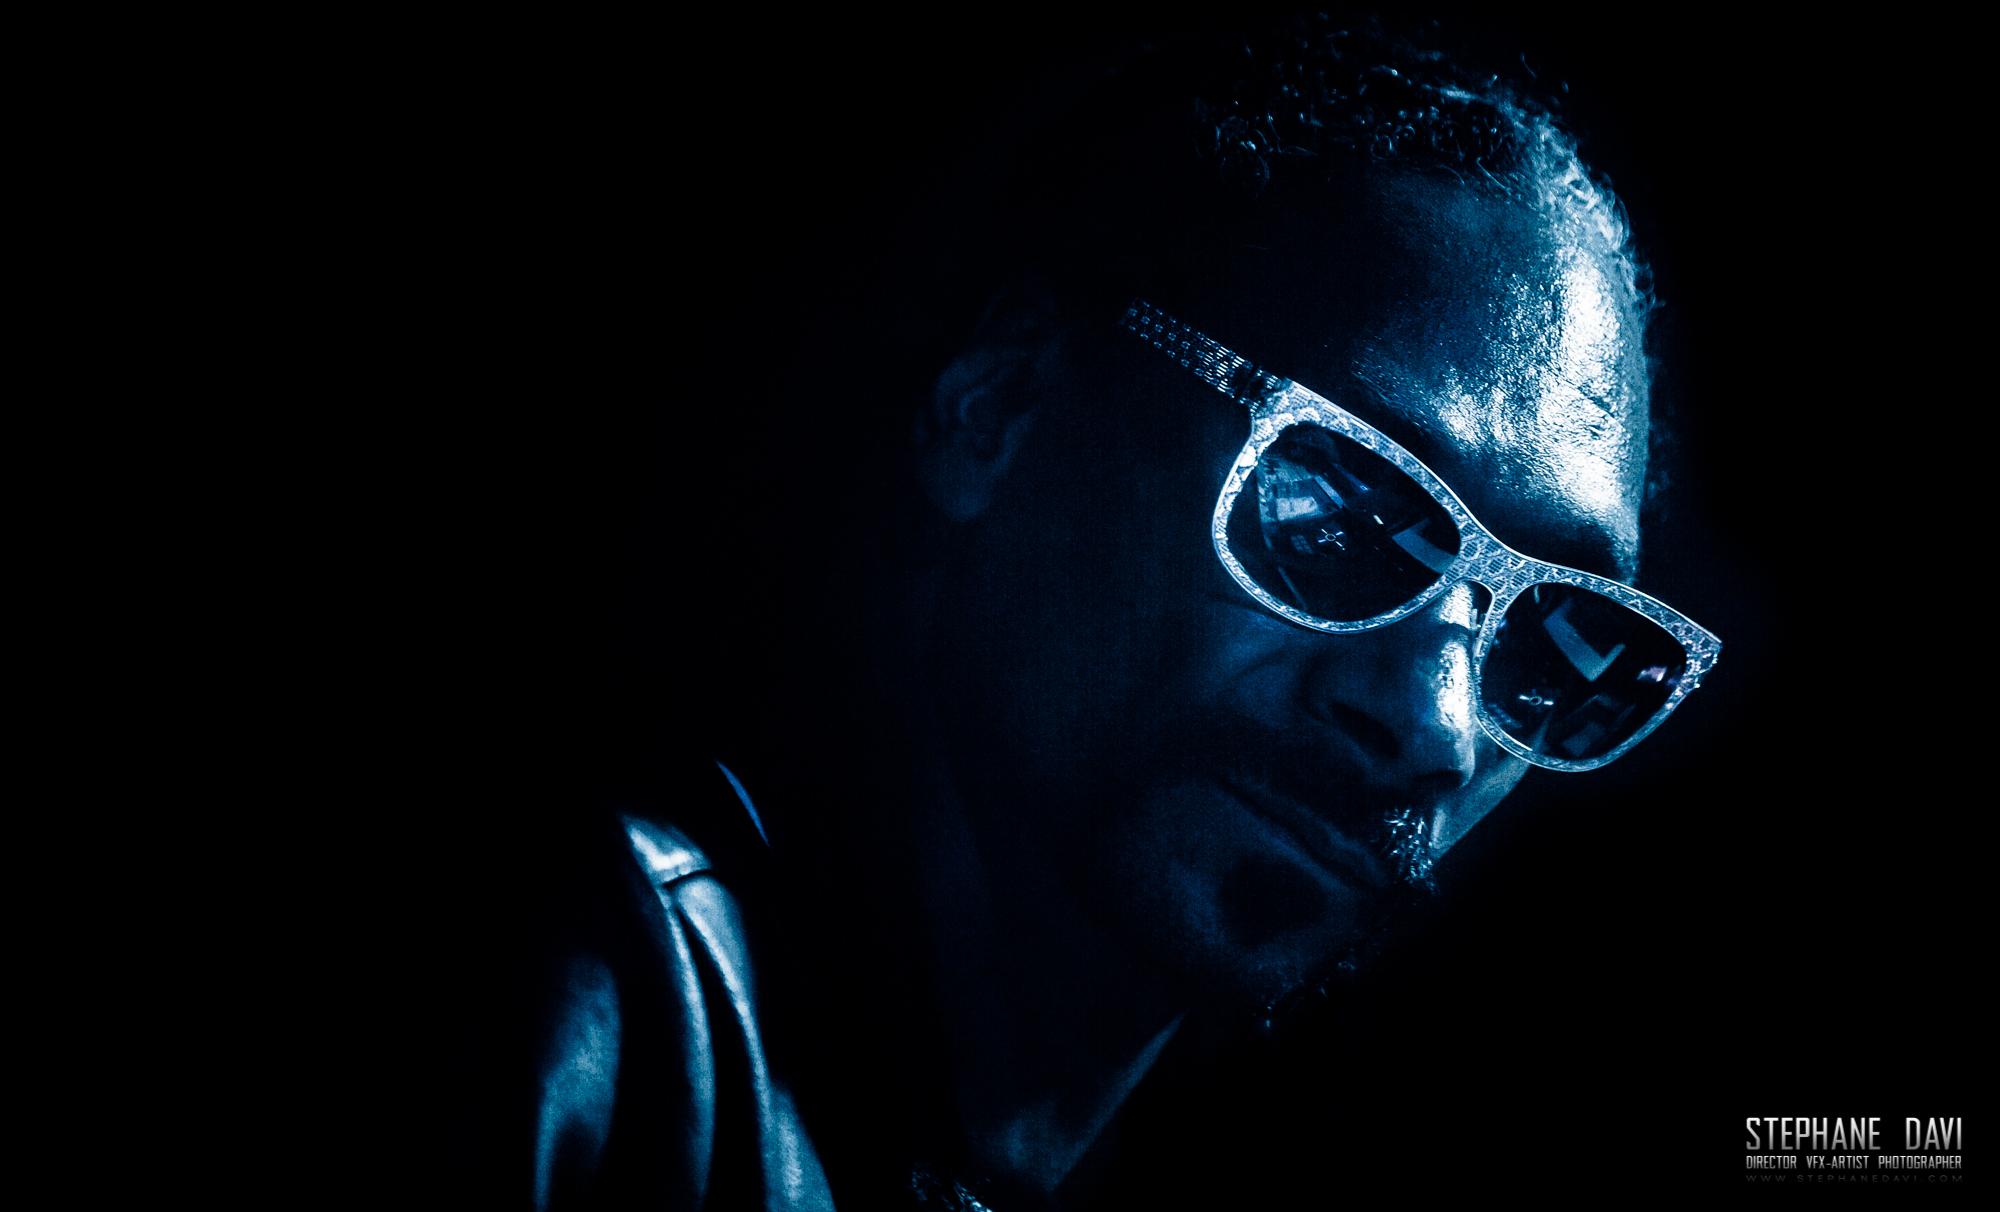 Snoop Dogg © Stéphane Davi